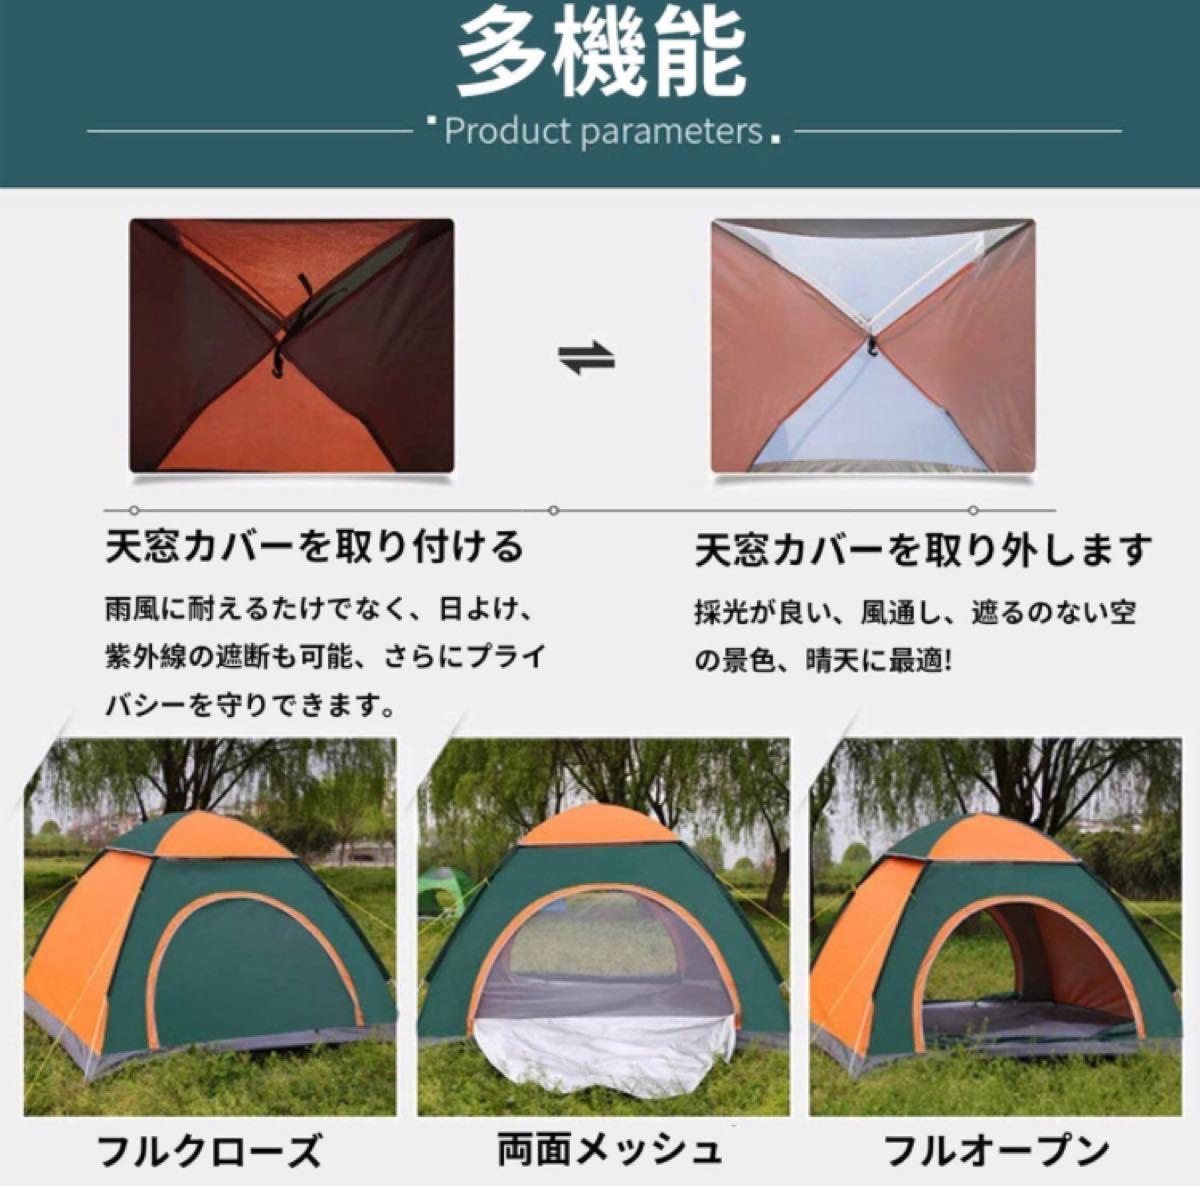 テント ワンタッチ 3-4人用 テントシート付き アウトドア用 設営簡単 UVカット